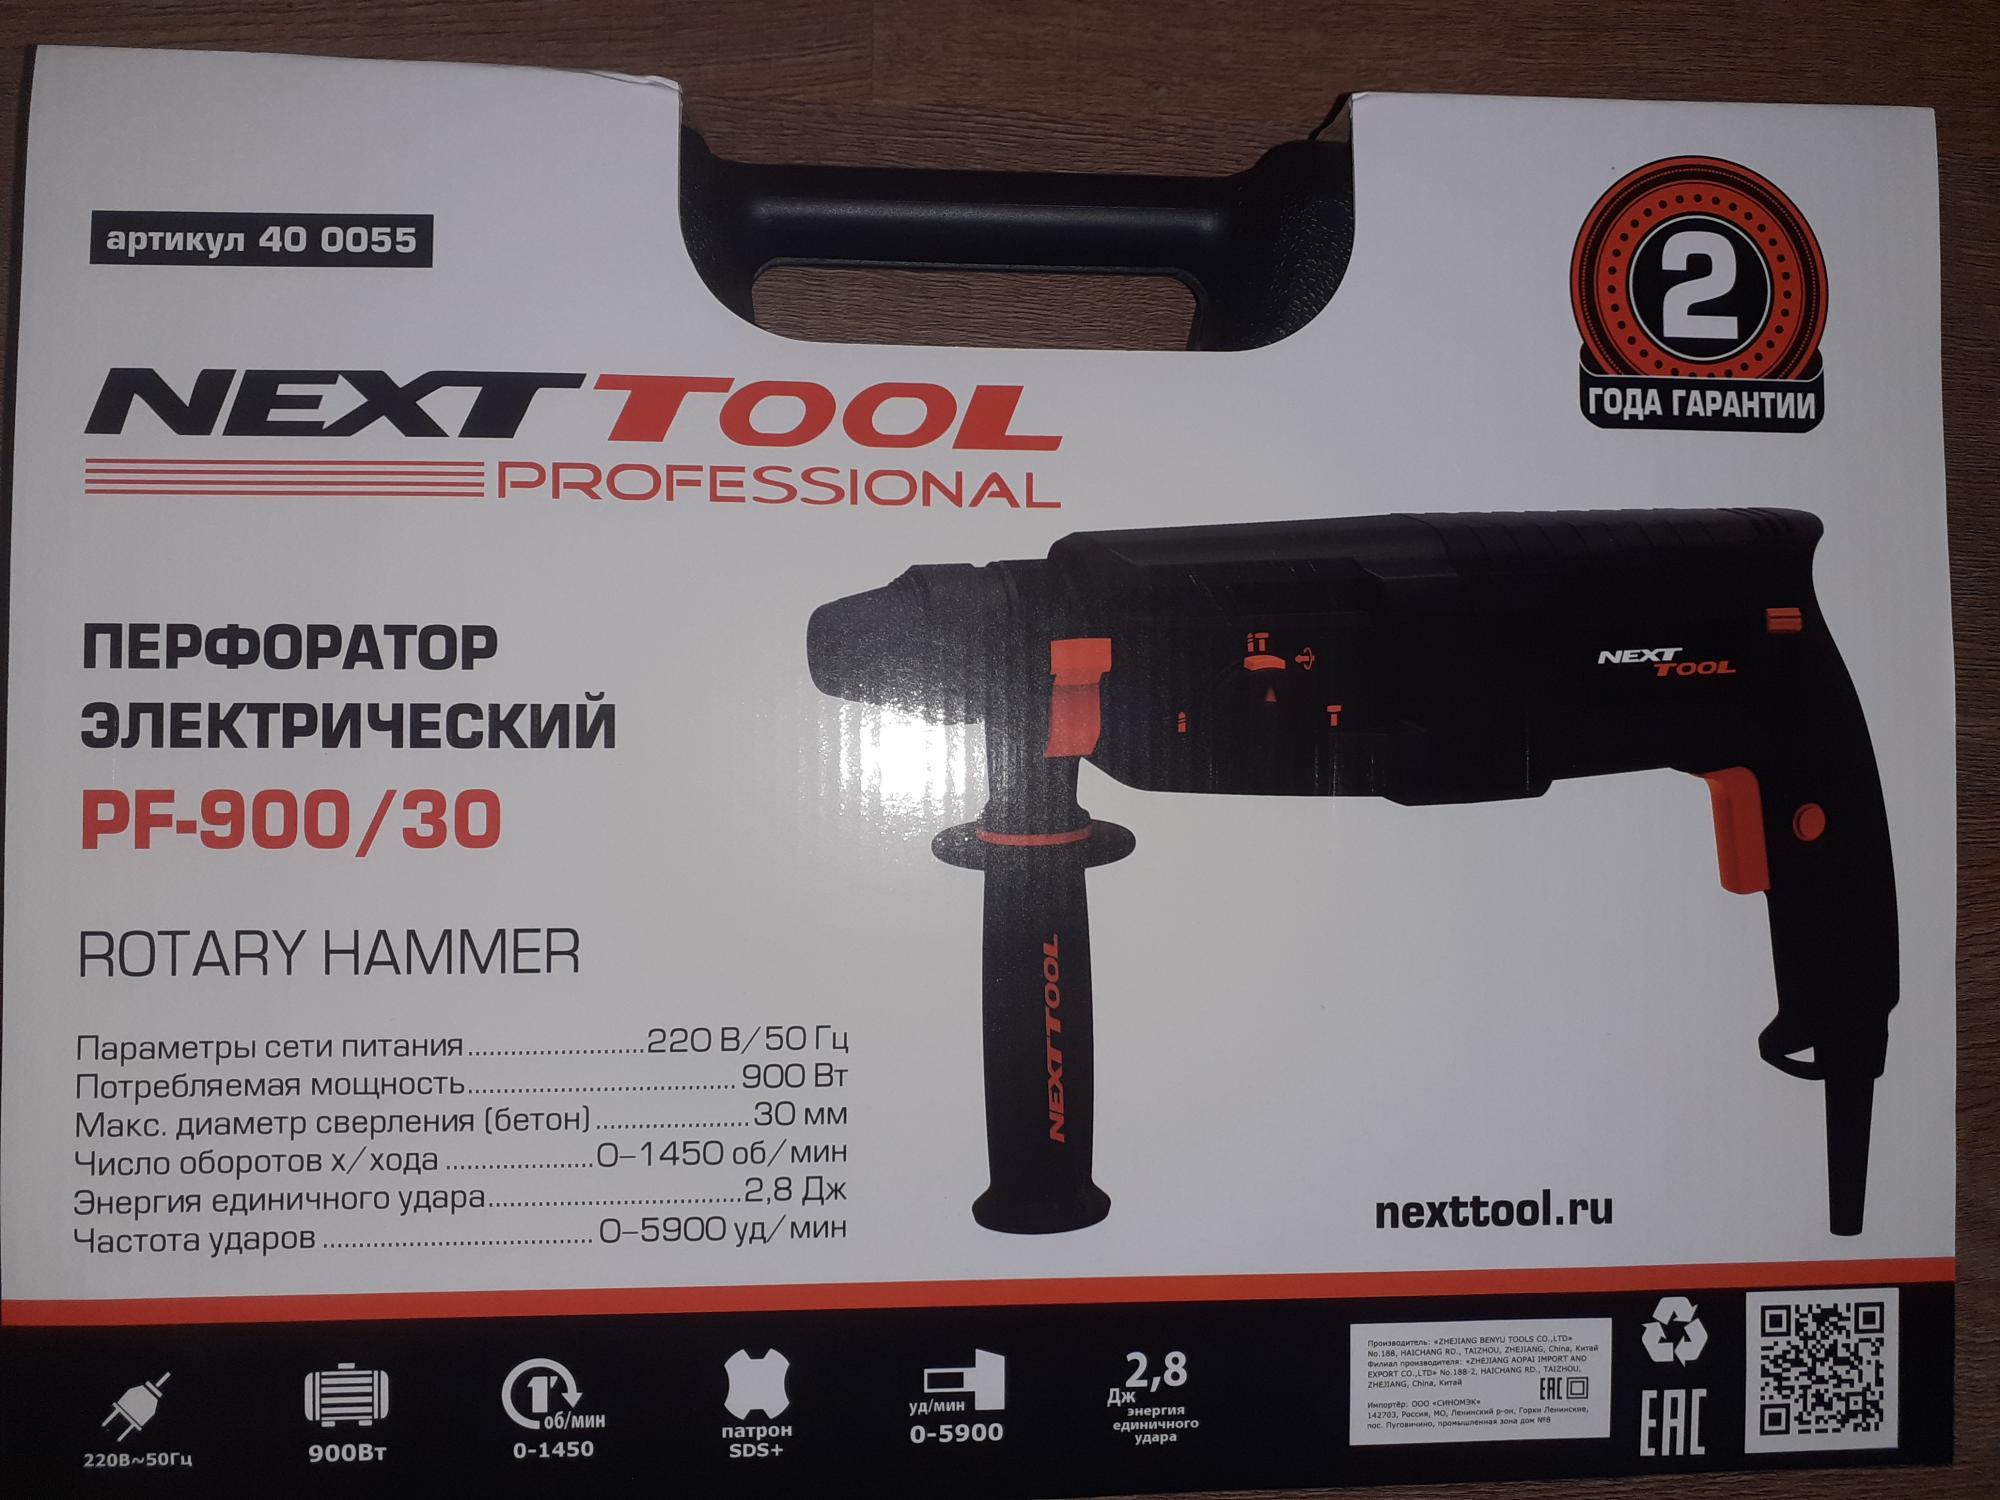 PF-900/30 NEXTTOOL перфоратор в Москве 89031080852 купить 1